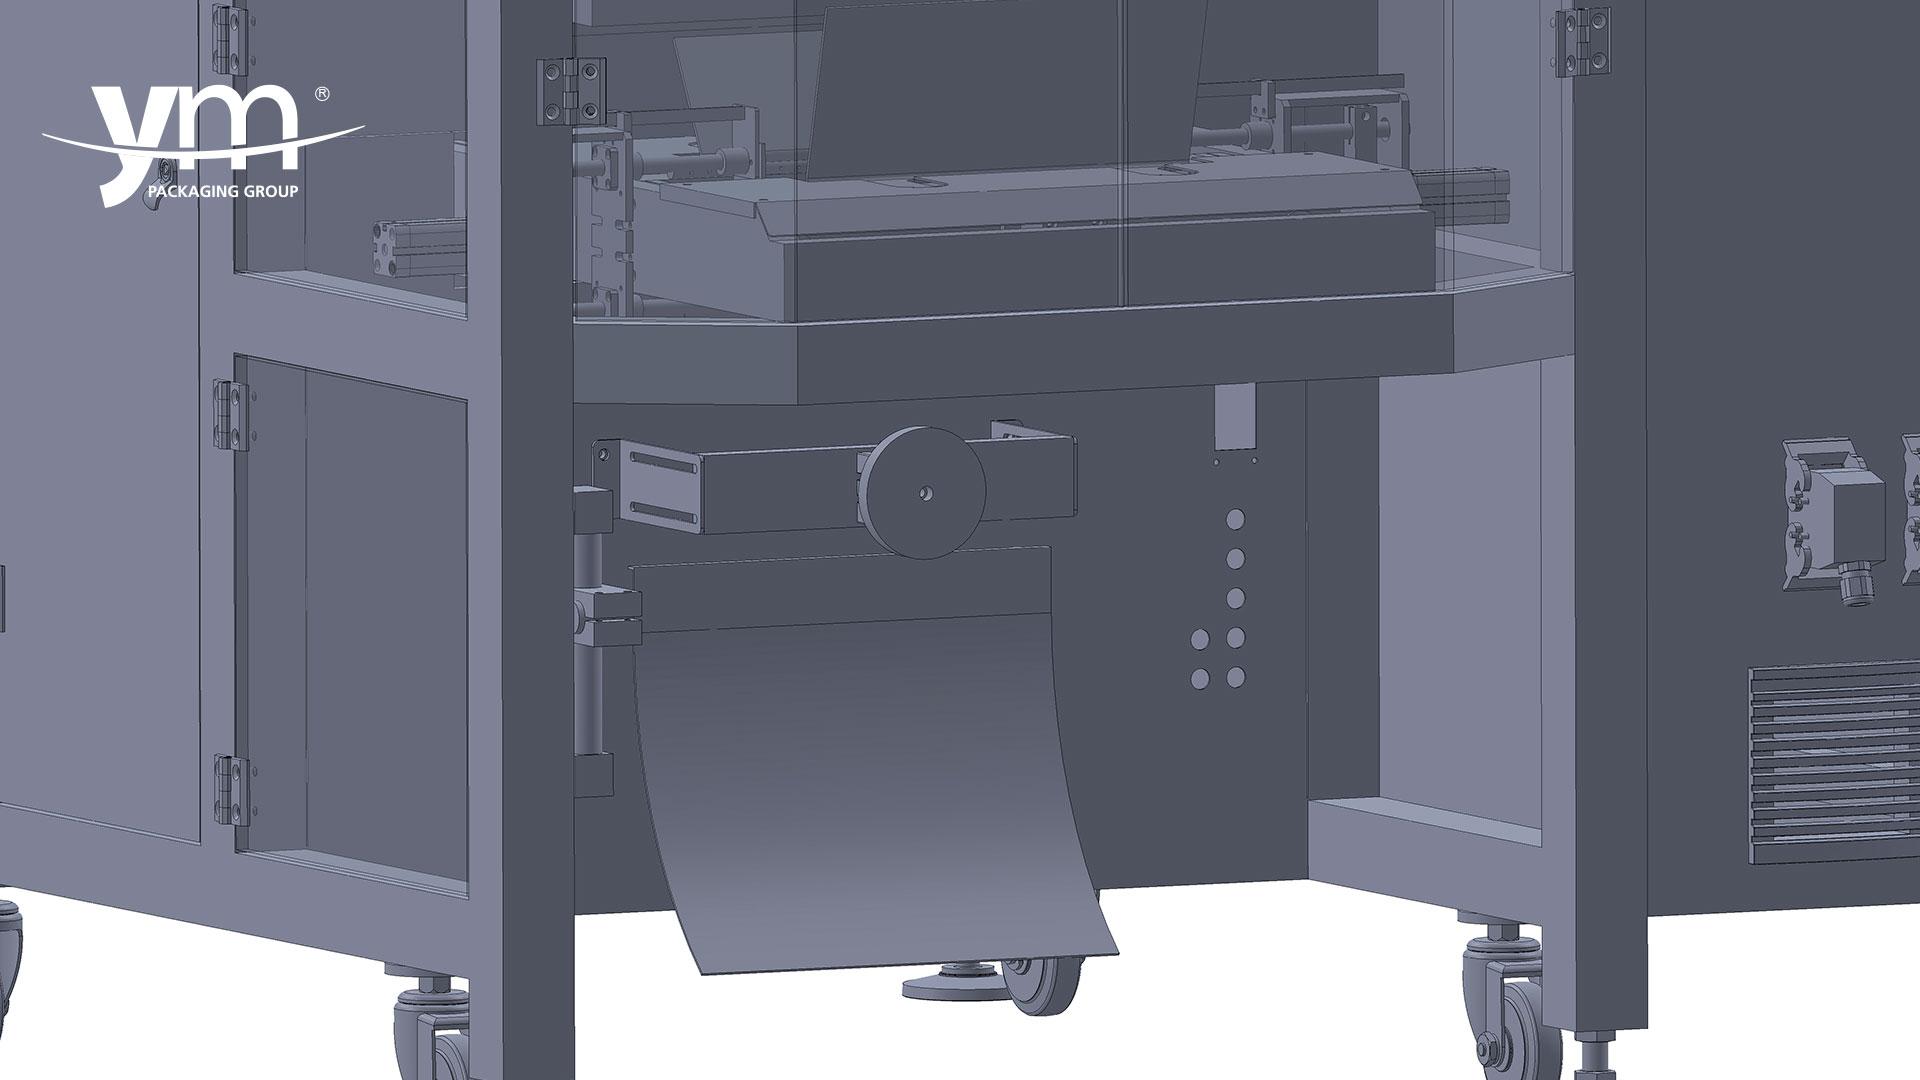 Máquina envasadora vertical VM con sistema golpeador